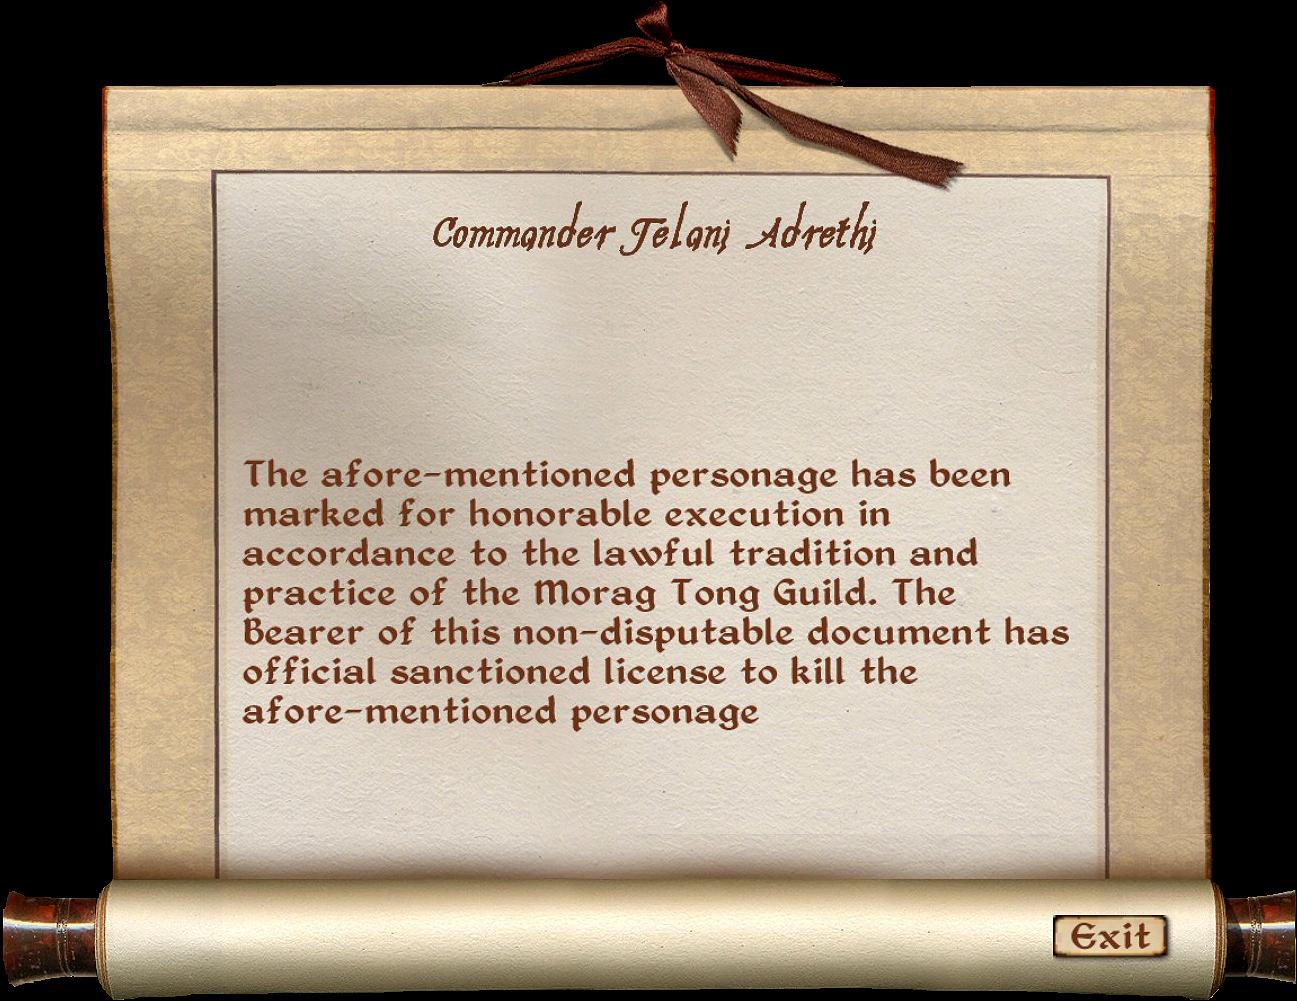 Soiled Writ of Assassination